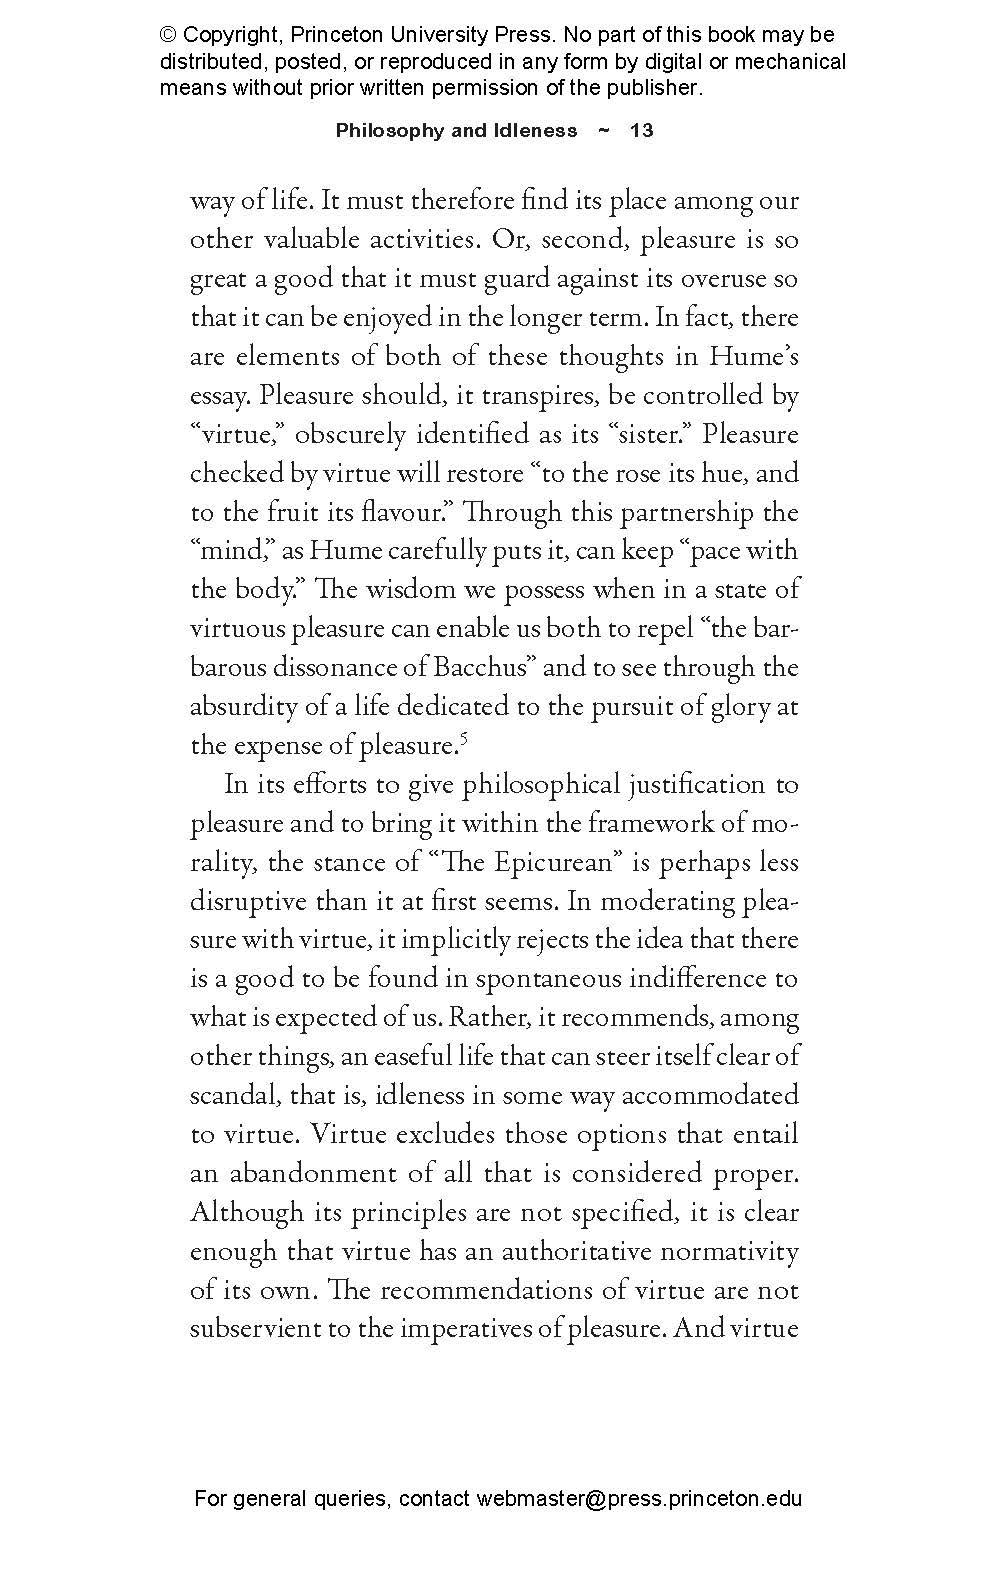 Mla format cover letter essay